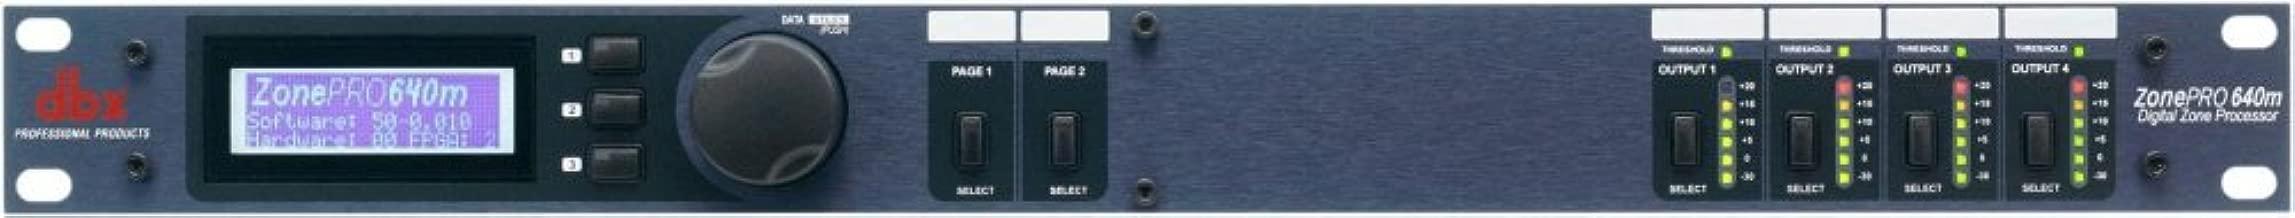 dbx ZonePRO 640 6x4 Digital Zone Processor